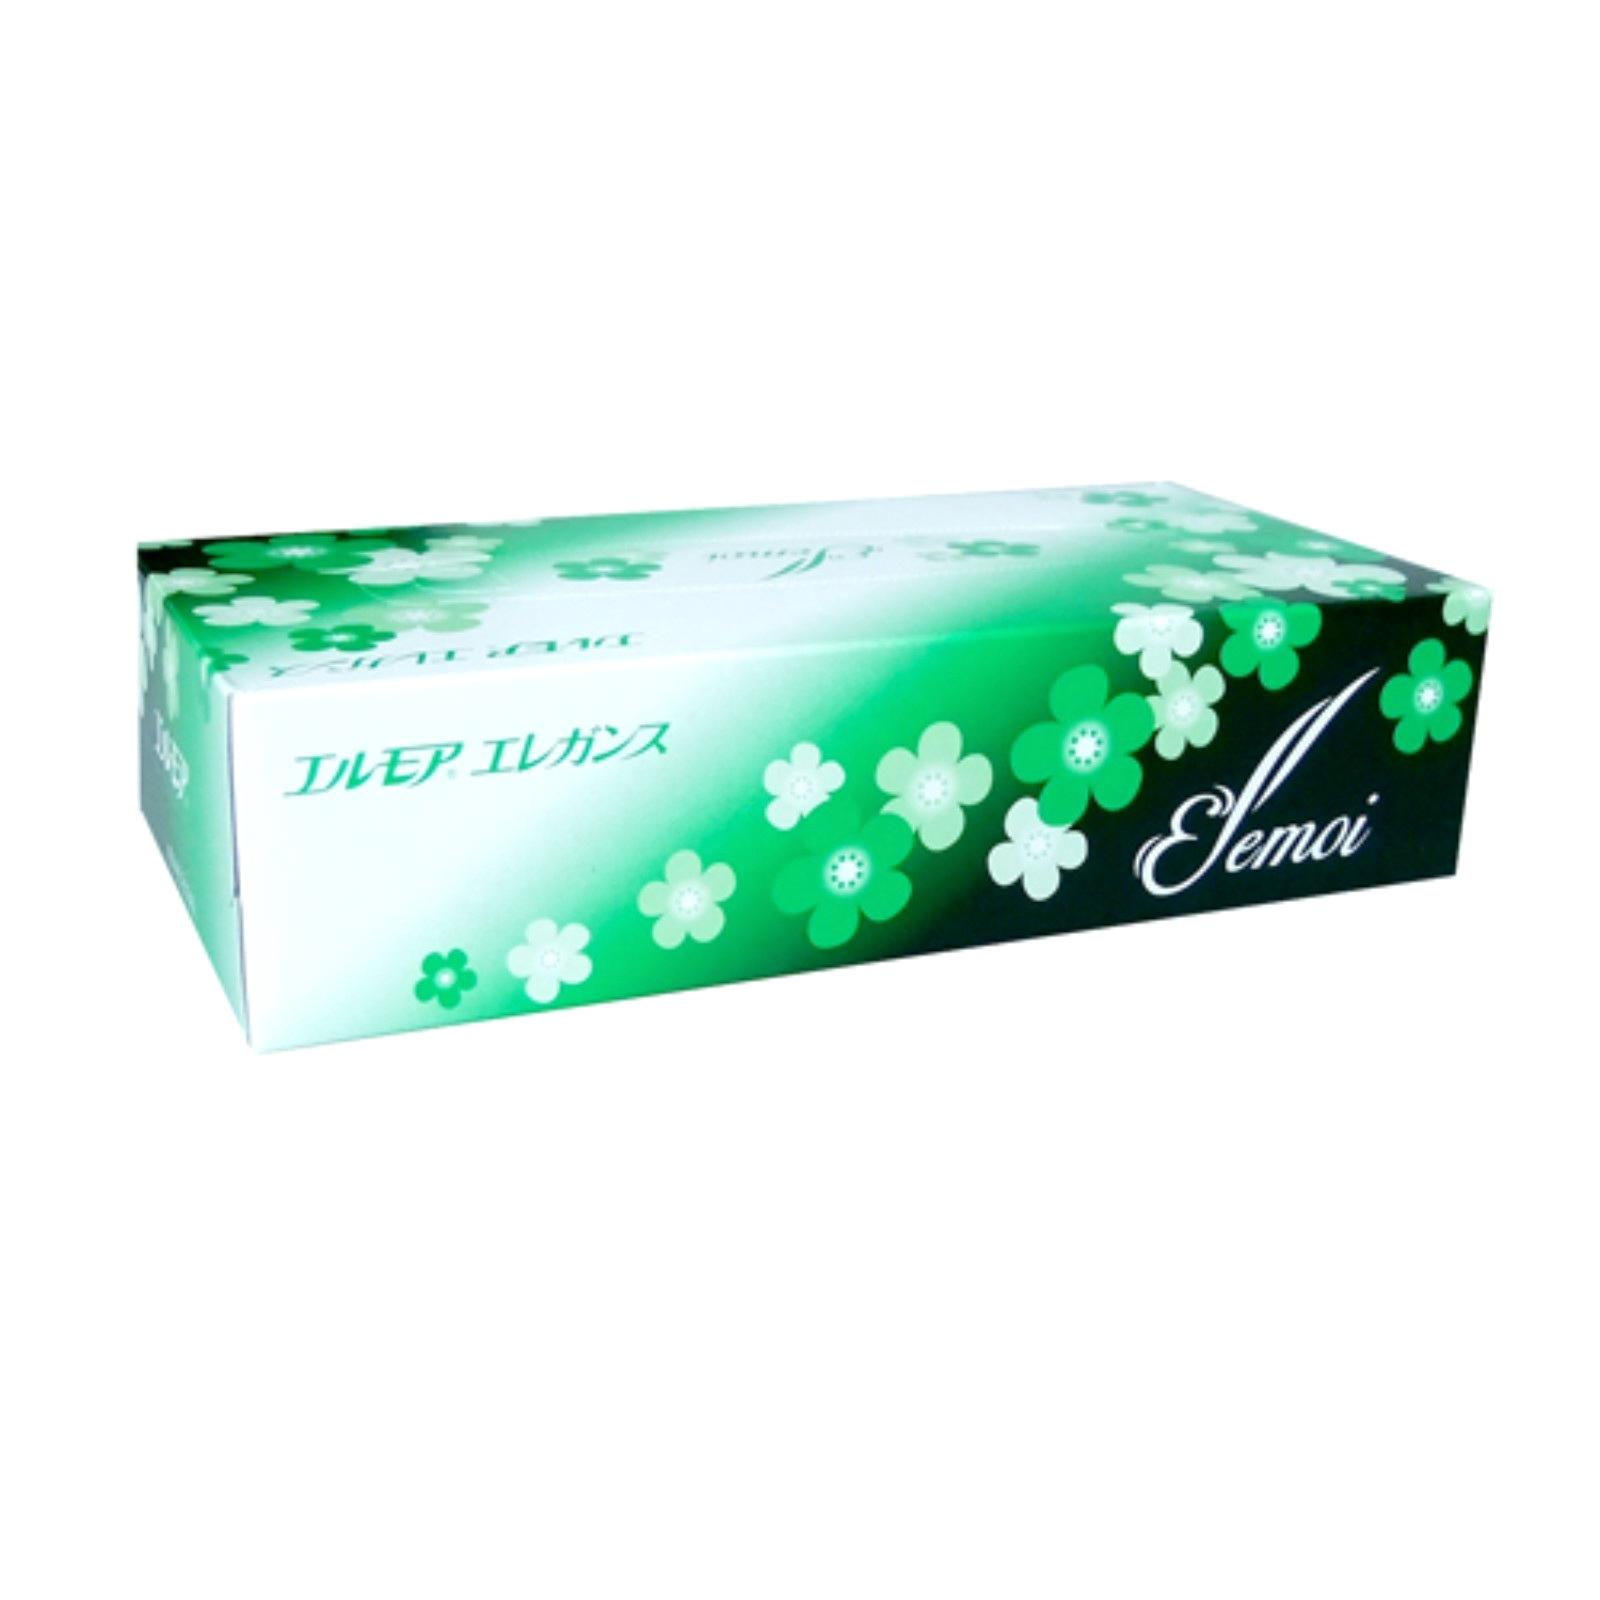 Салфетки бумажные Ellemoi Kami Shodji Ellemoi Elegance 2-х слойные 200 шт носовые платочки kami shodji ellemoi 2 слоя 10 штук в пачке спайка из 20 пачек